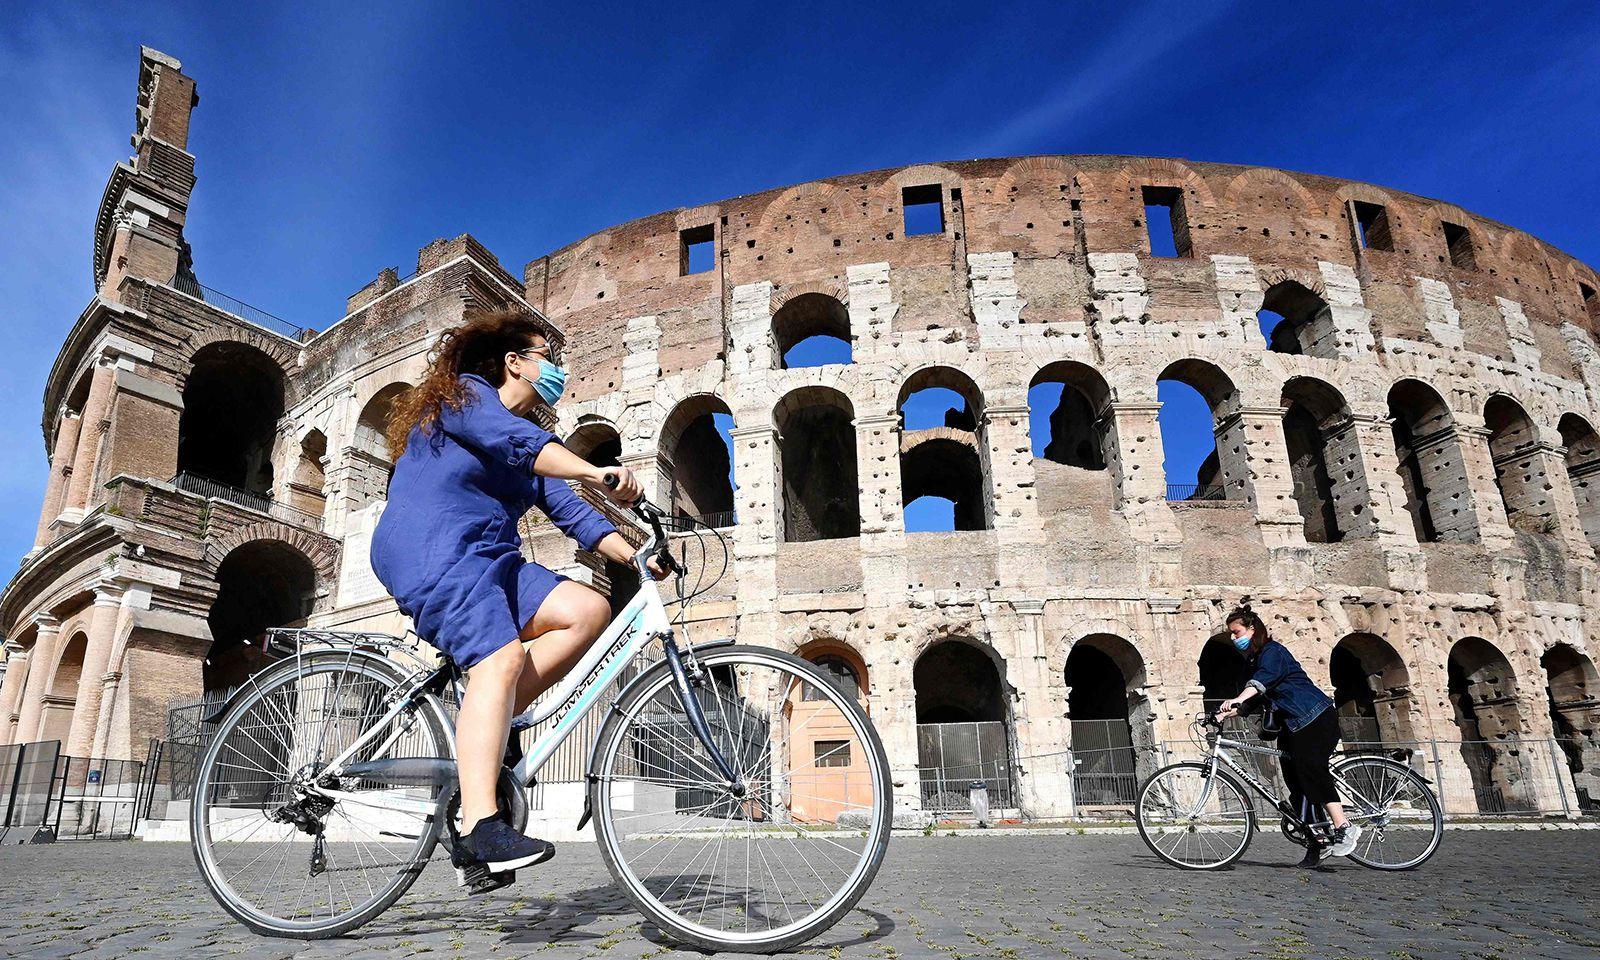 Keine Touristen, nur vereinzelt Menschen mit Gesichtsmaske: Das Kolosseum in Rom während der Coronakrise.